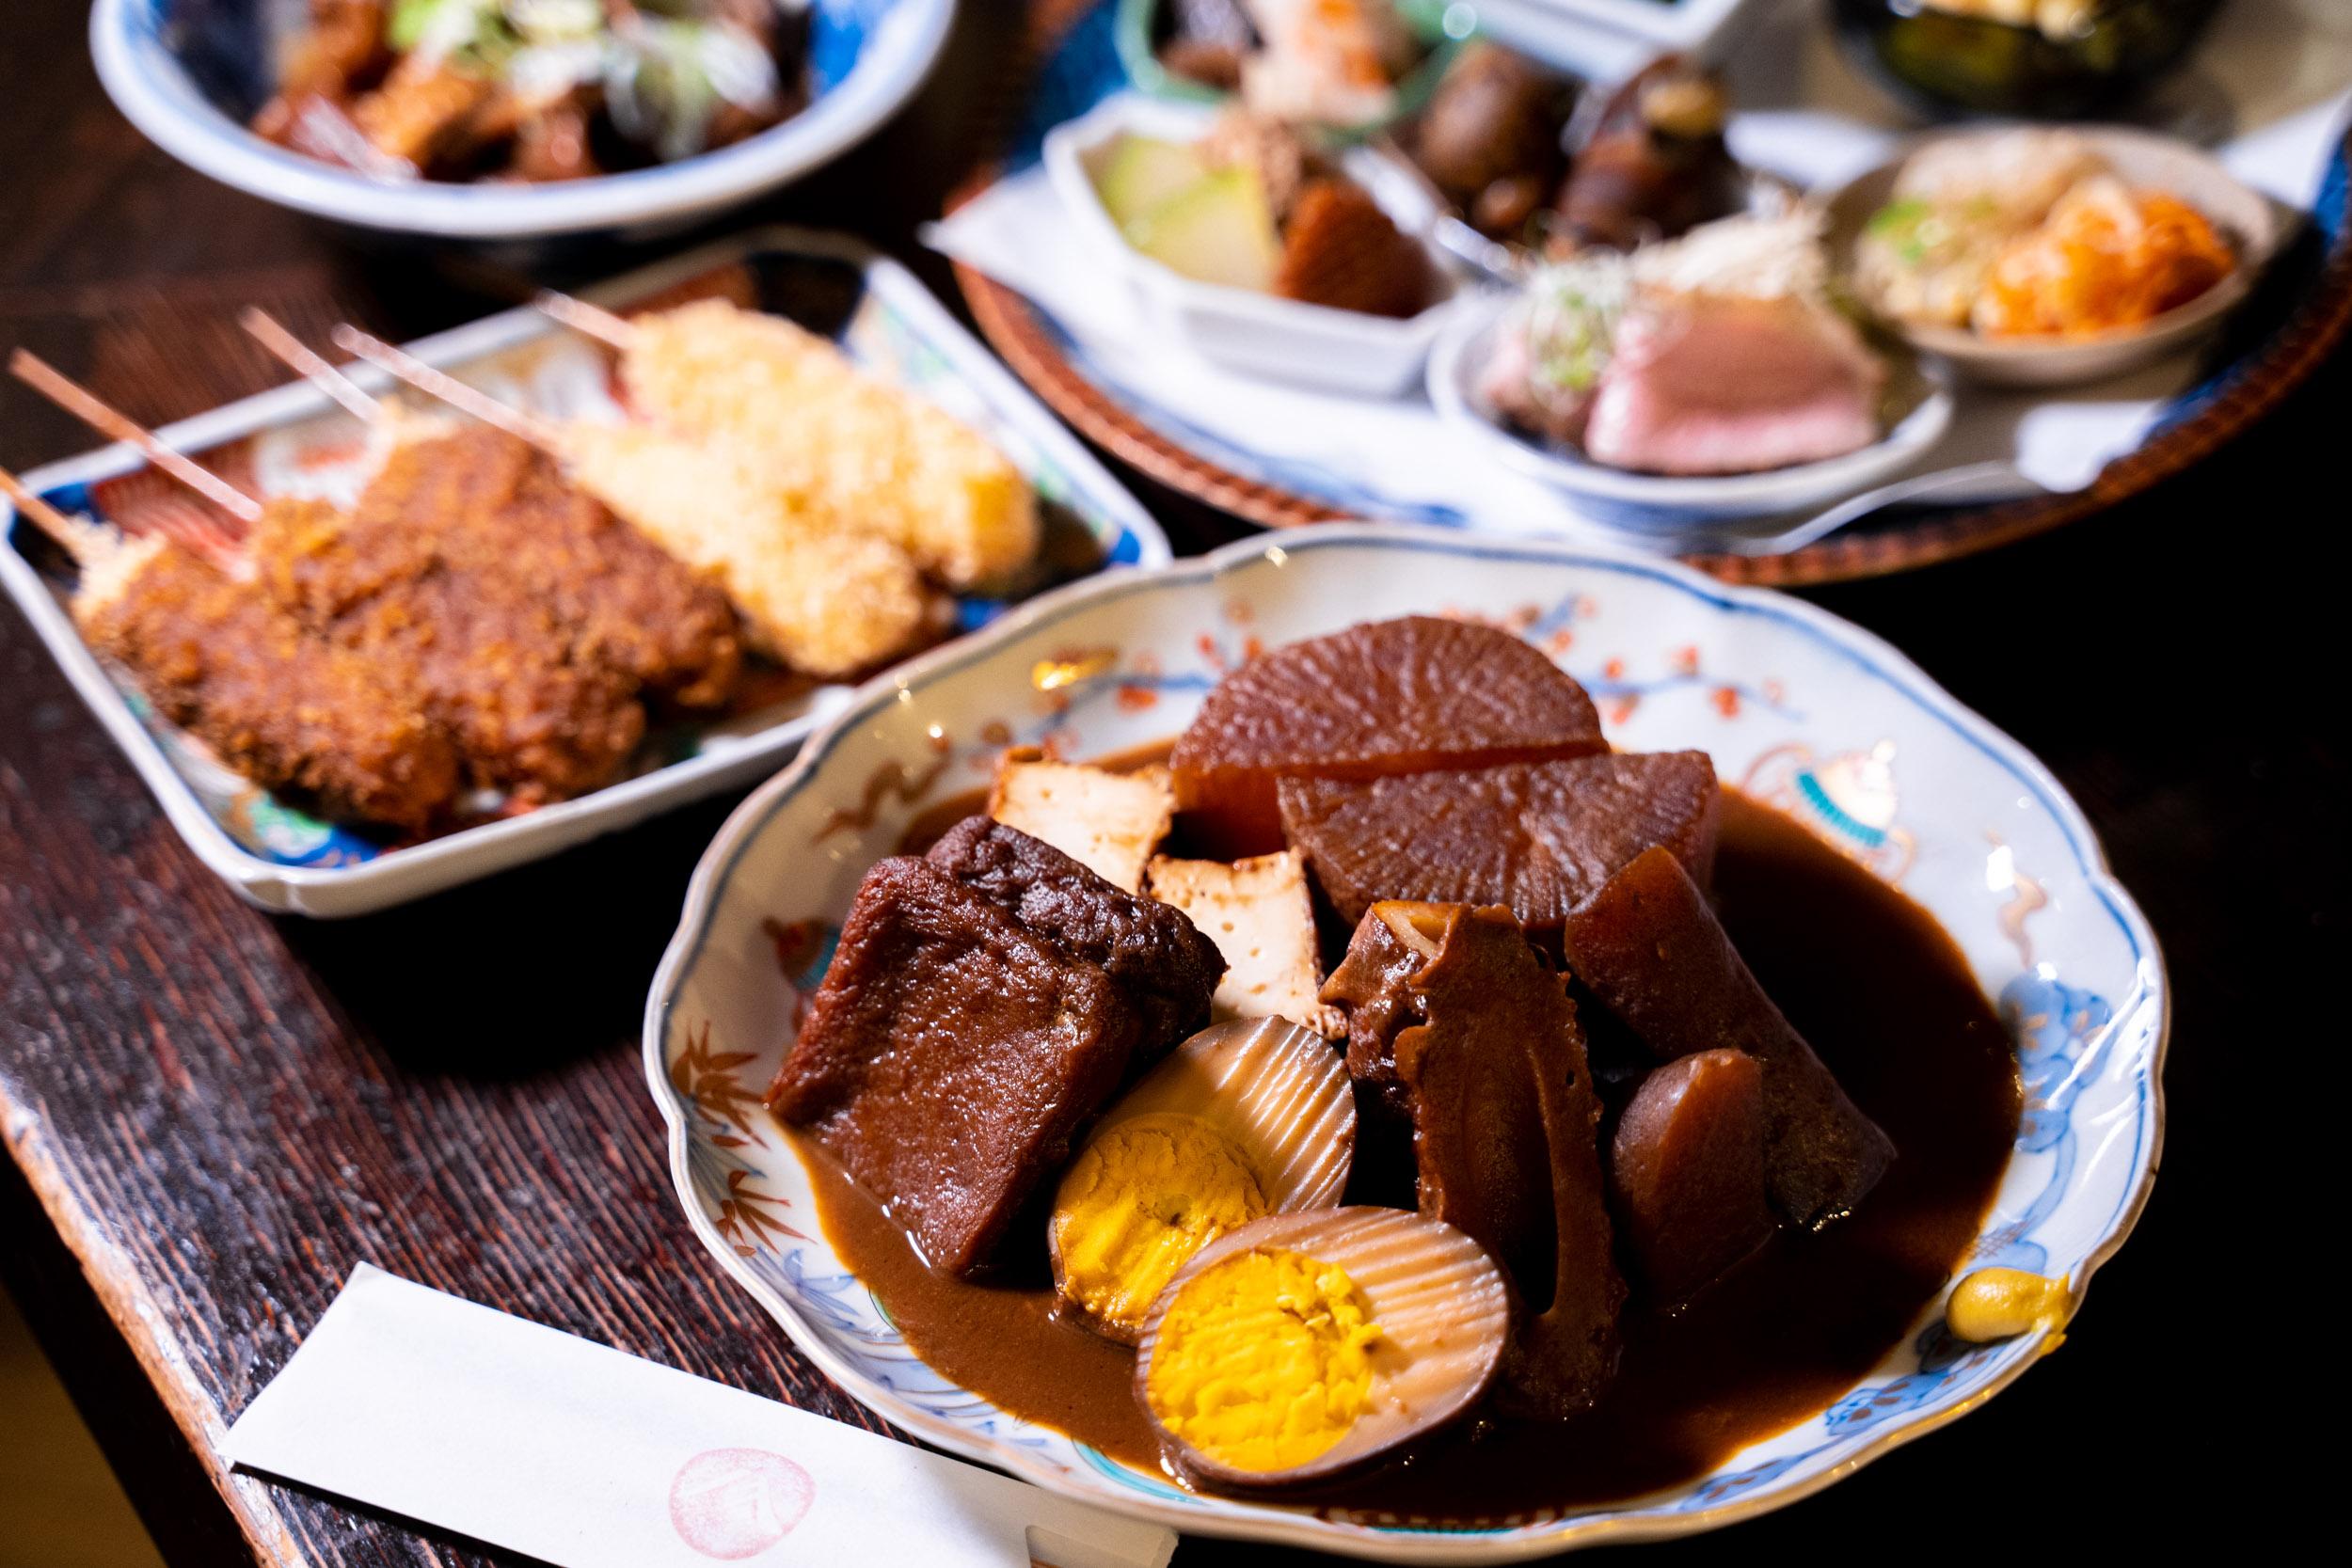 名駅|味噌の深みを再発見◎テイクアウトで楽しむうみゃあ居酒屋ナゴヤメシ